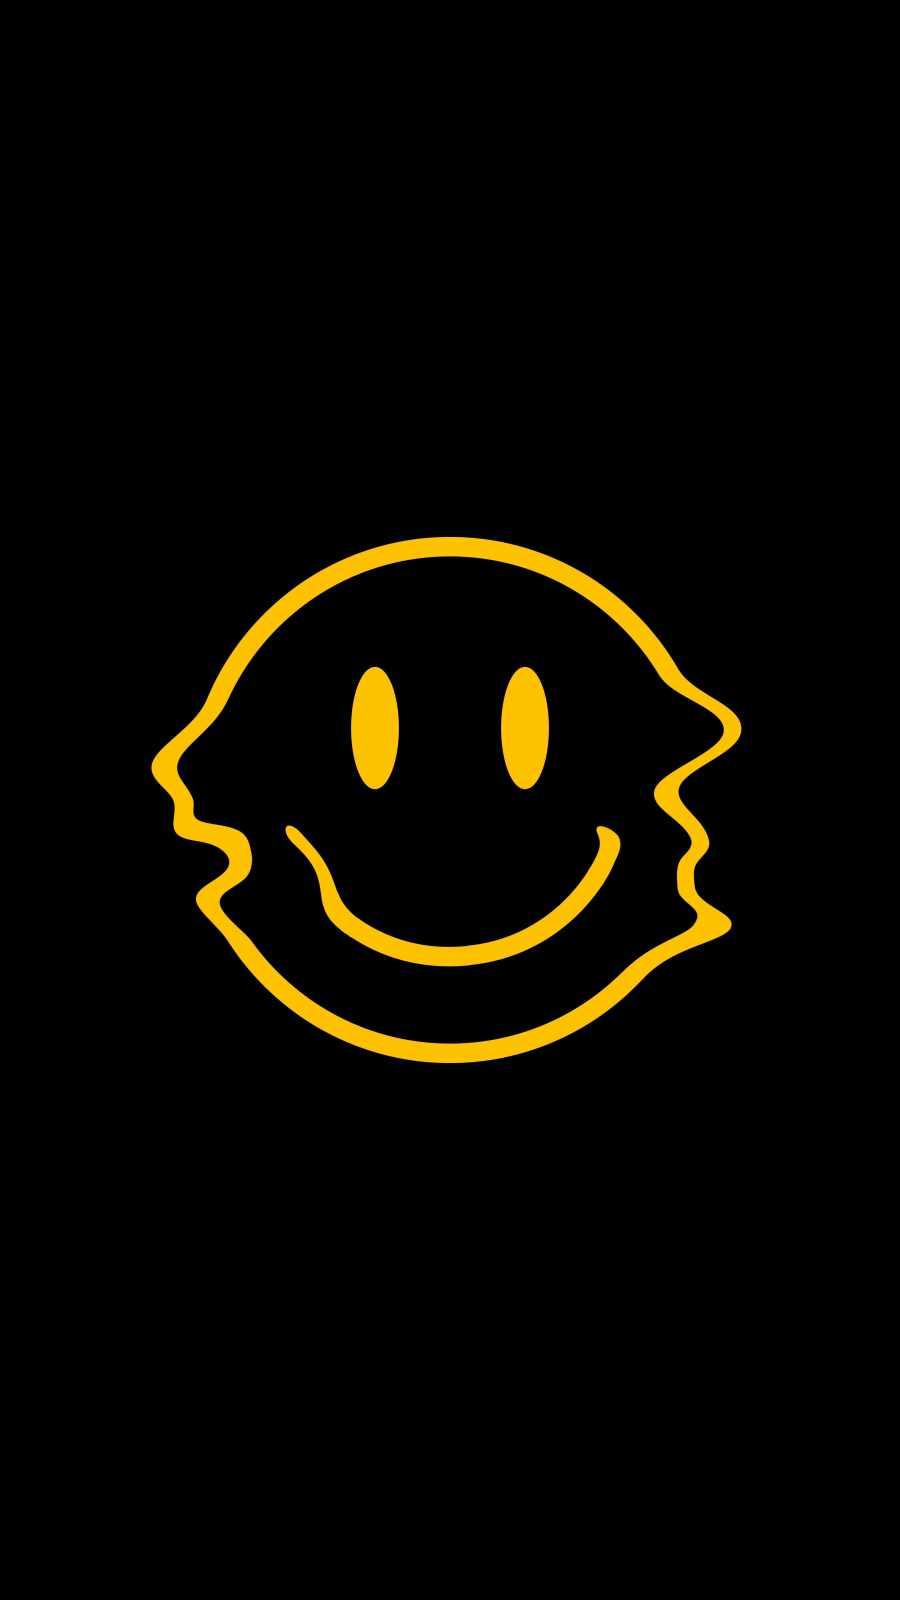 Happy Smile iPhone Wallpaper